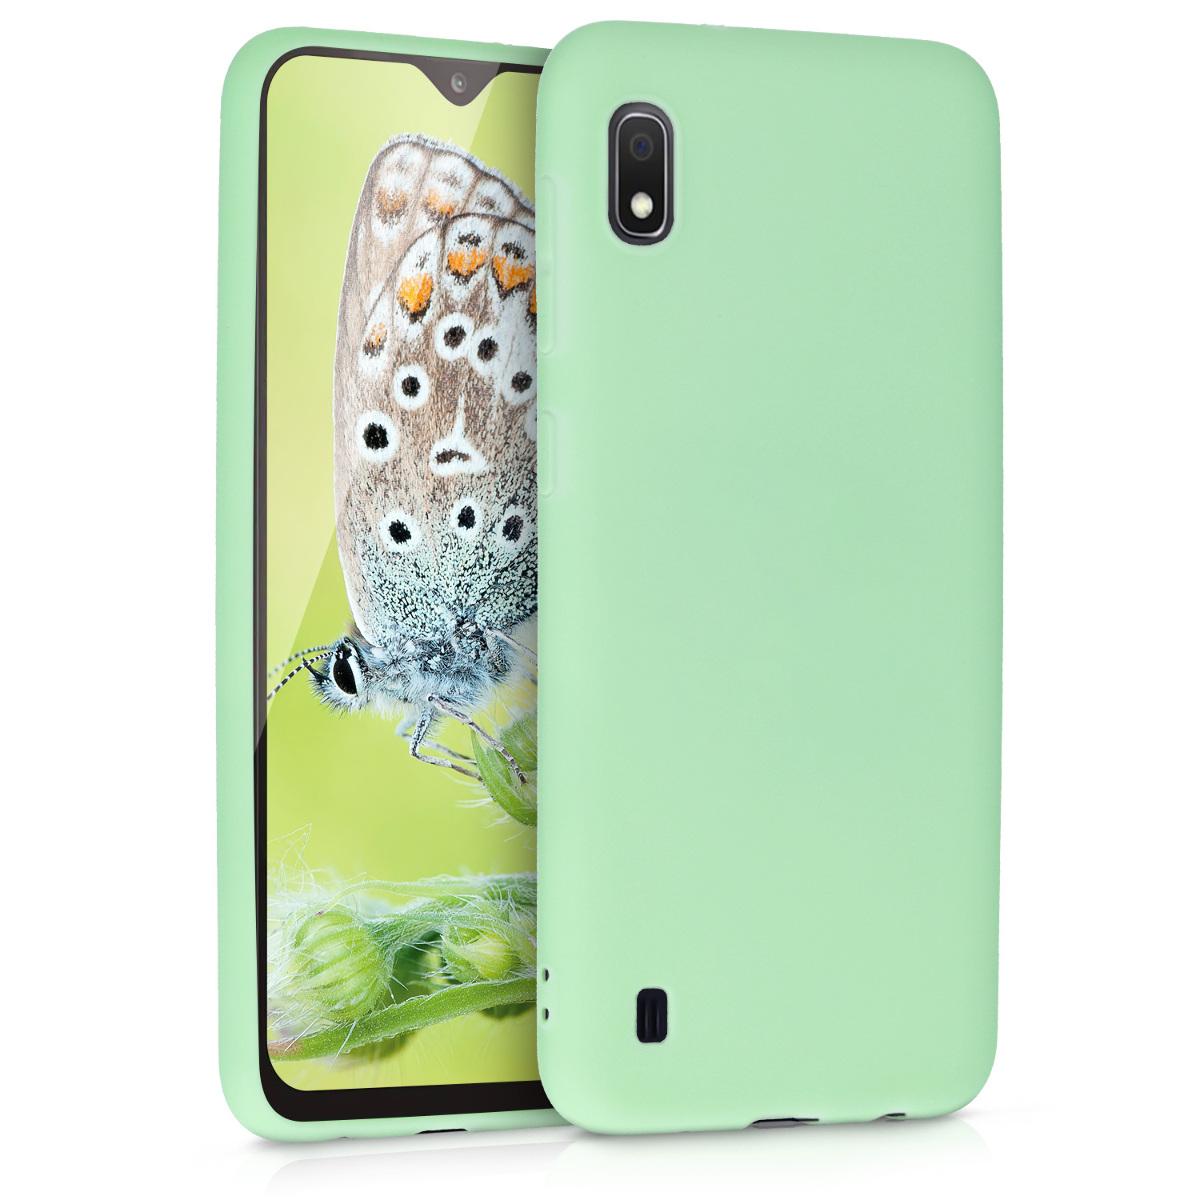 KW Θήκη Σιλικόνης Samsung Galaxy A10 - Mint Matte (49814.50)